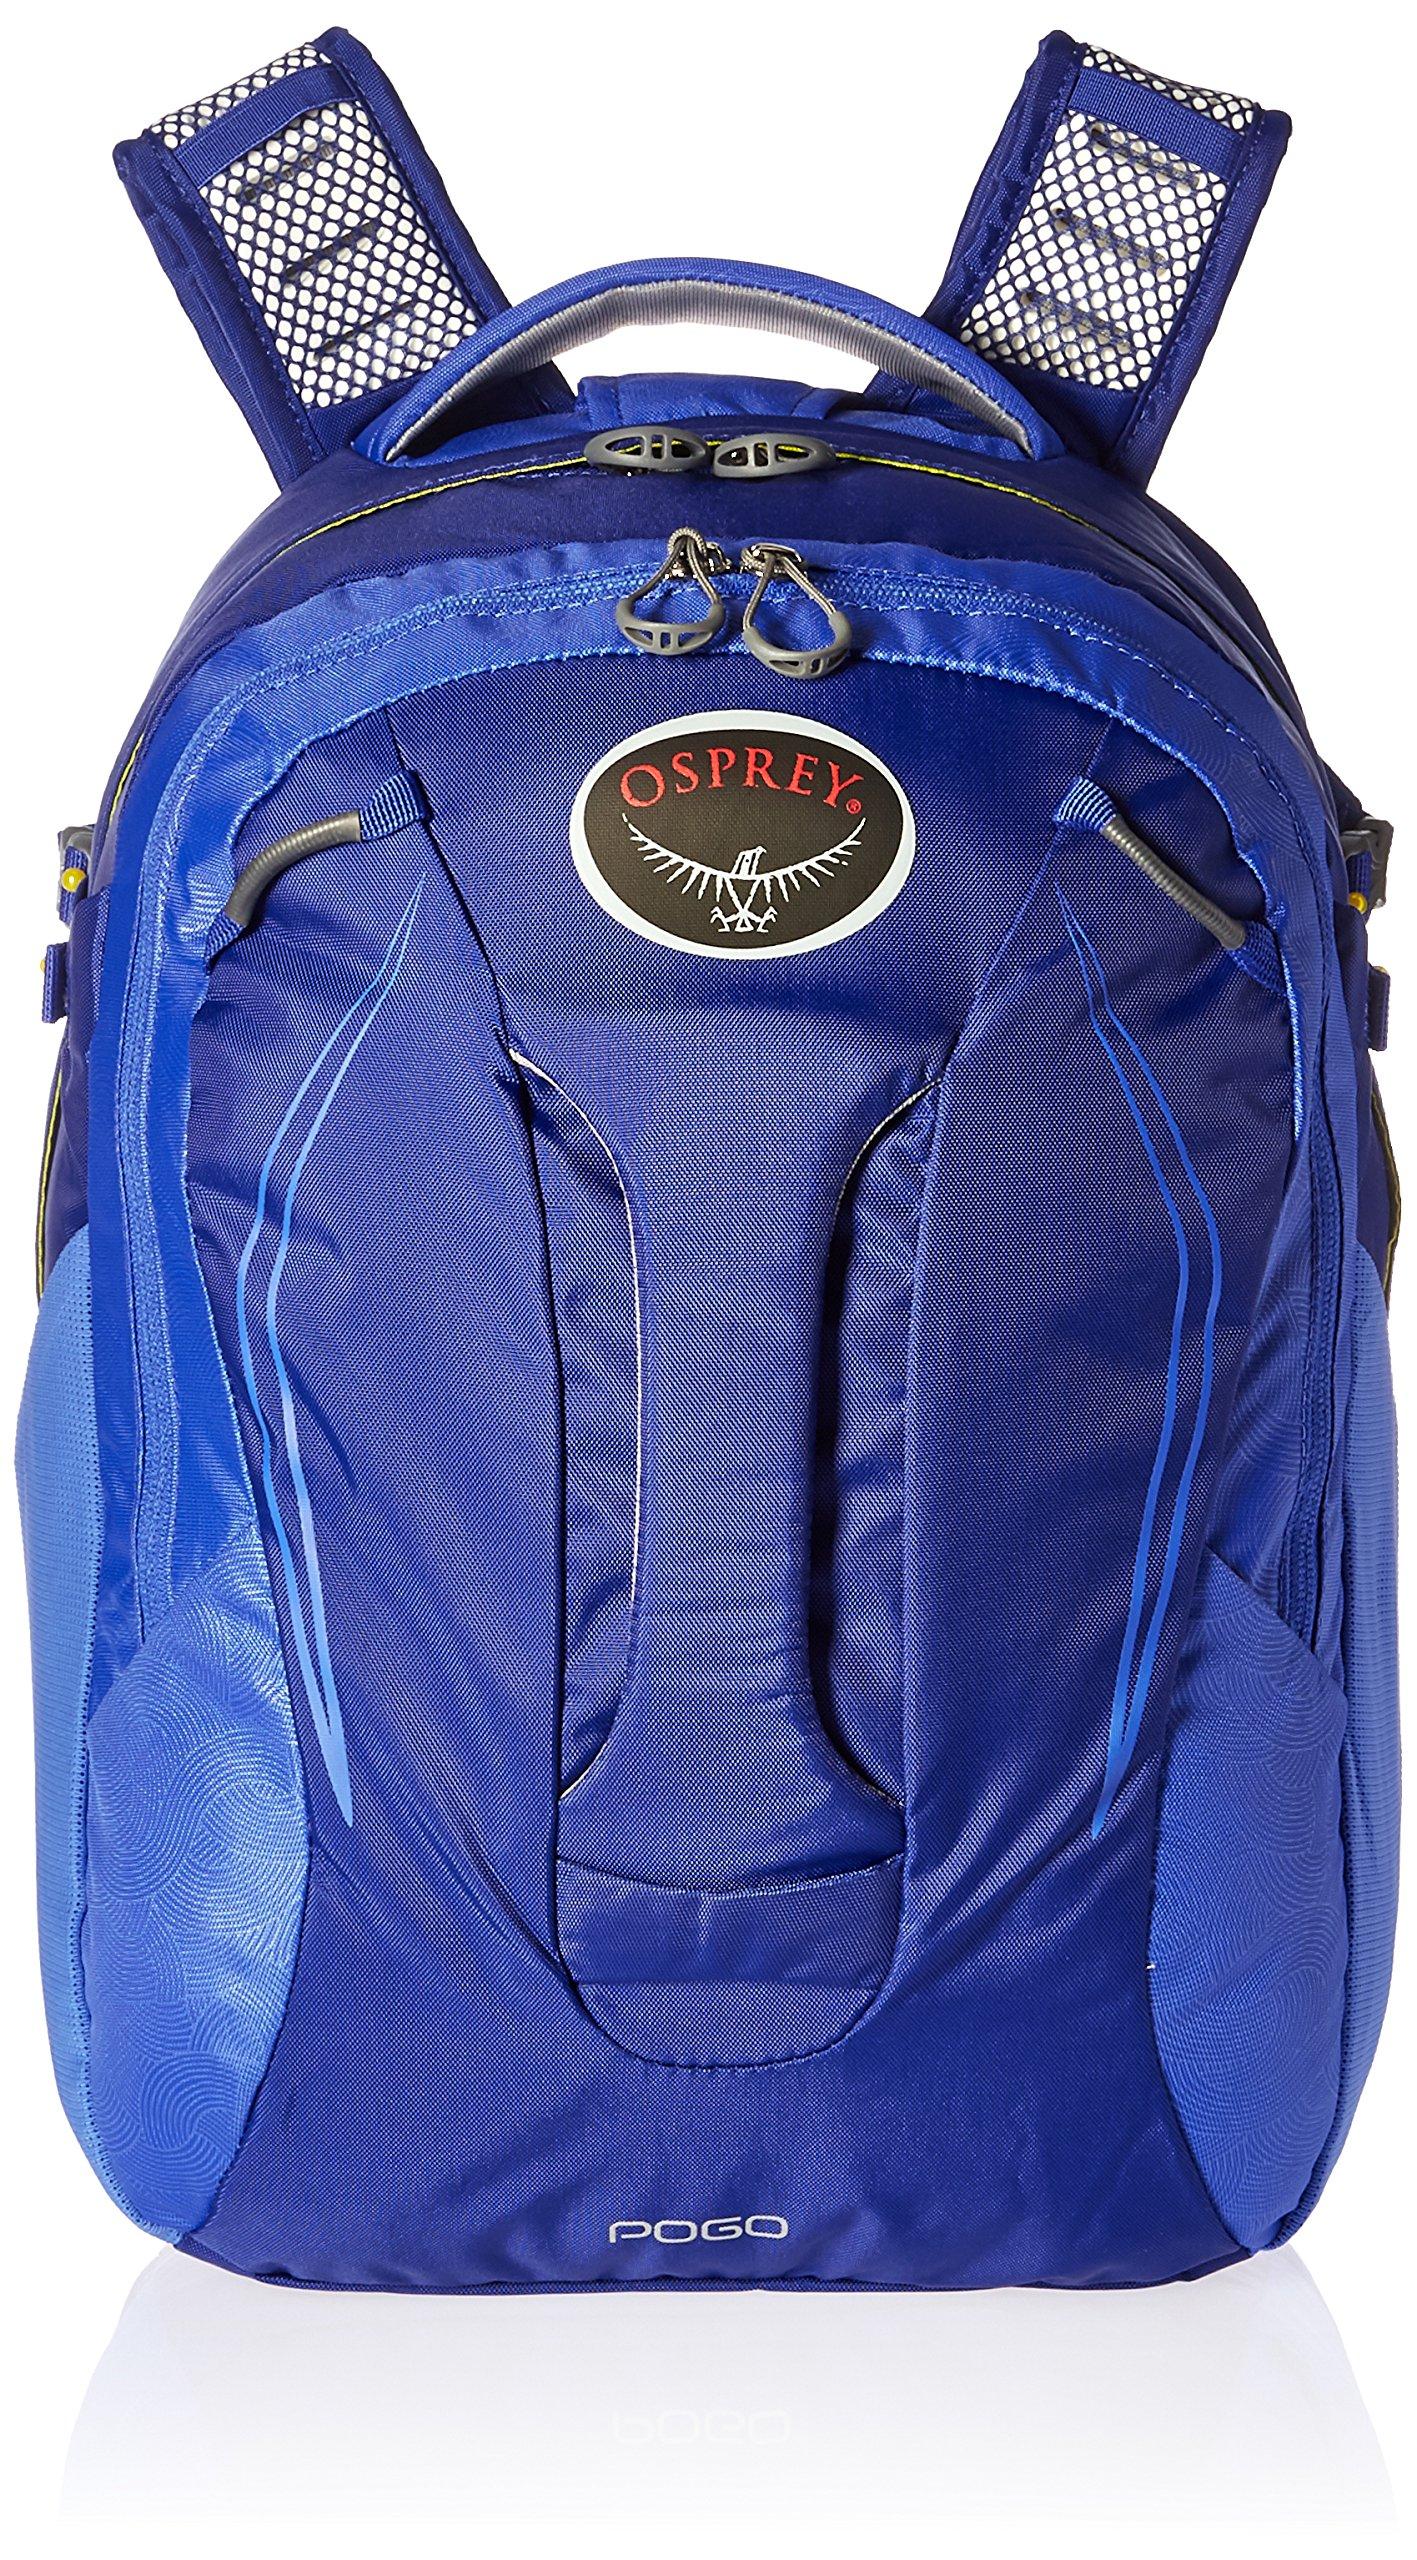 Osprey Packs Pogo Kid's Daypack, Hero Blue by Osprey